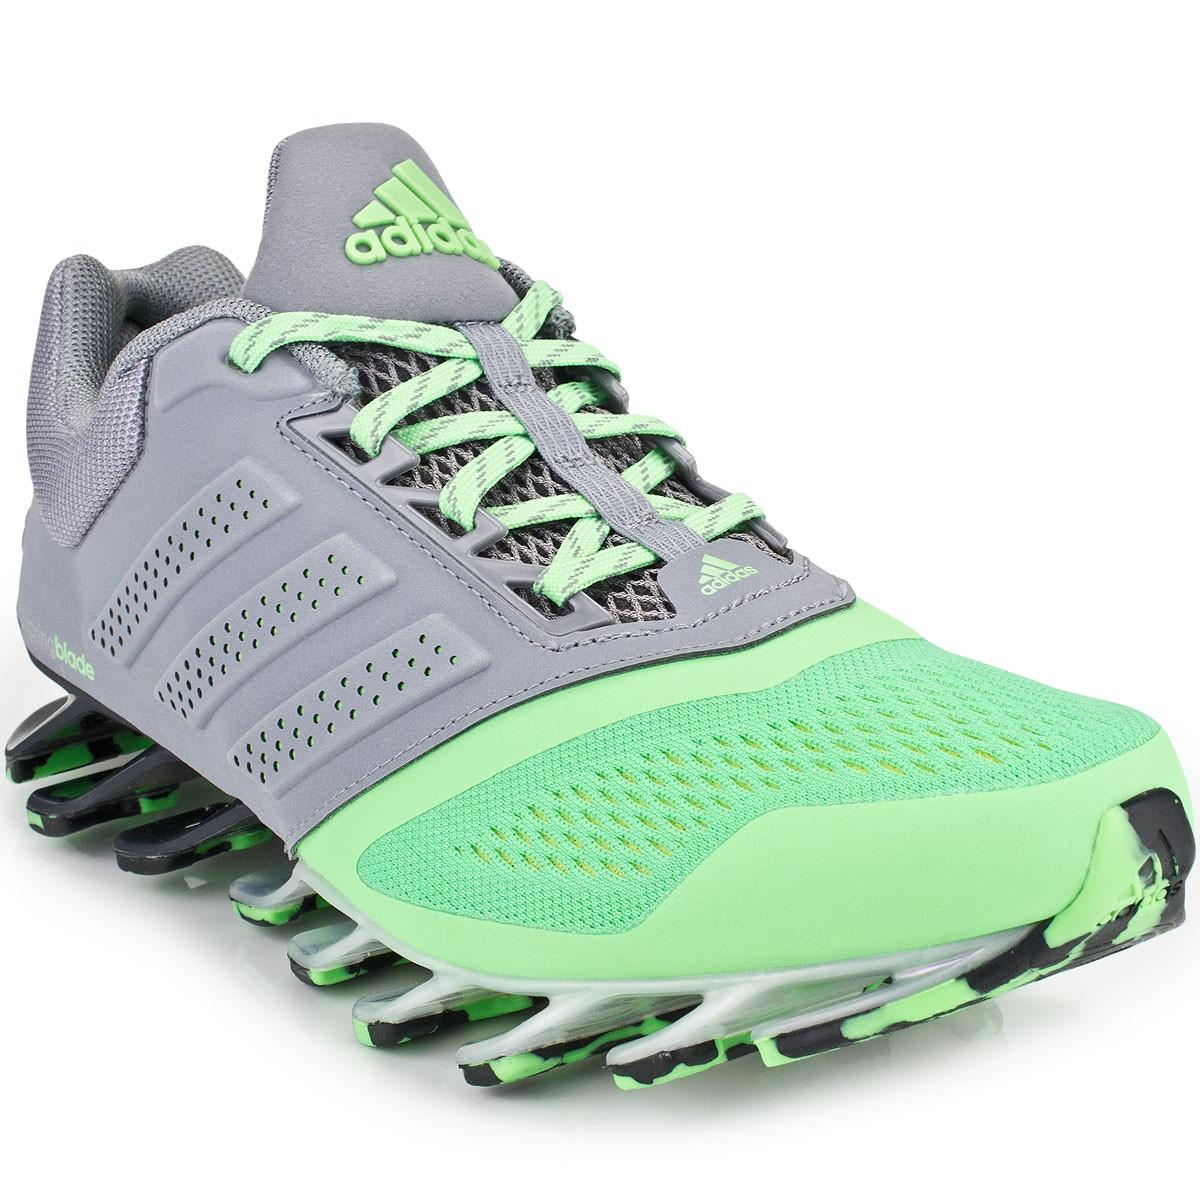 adidas springblade verde com cinza